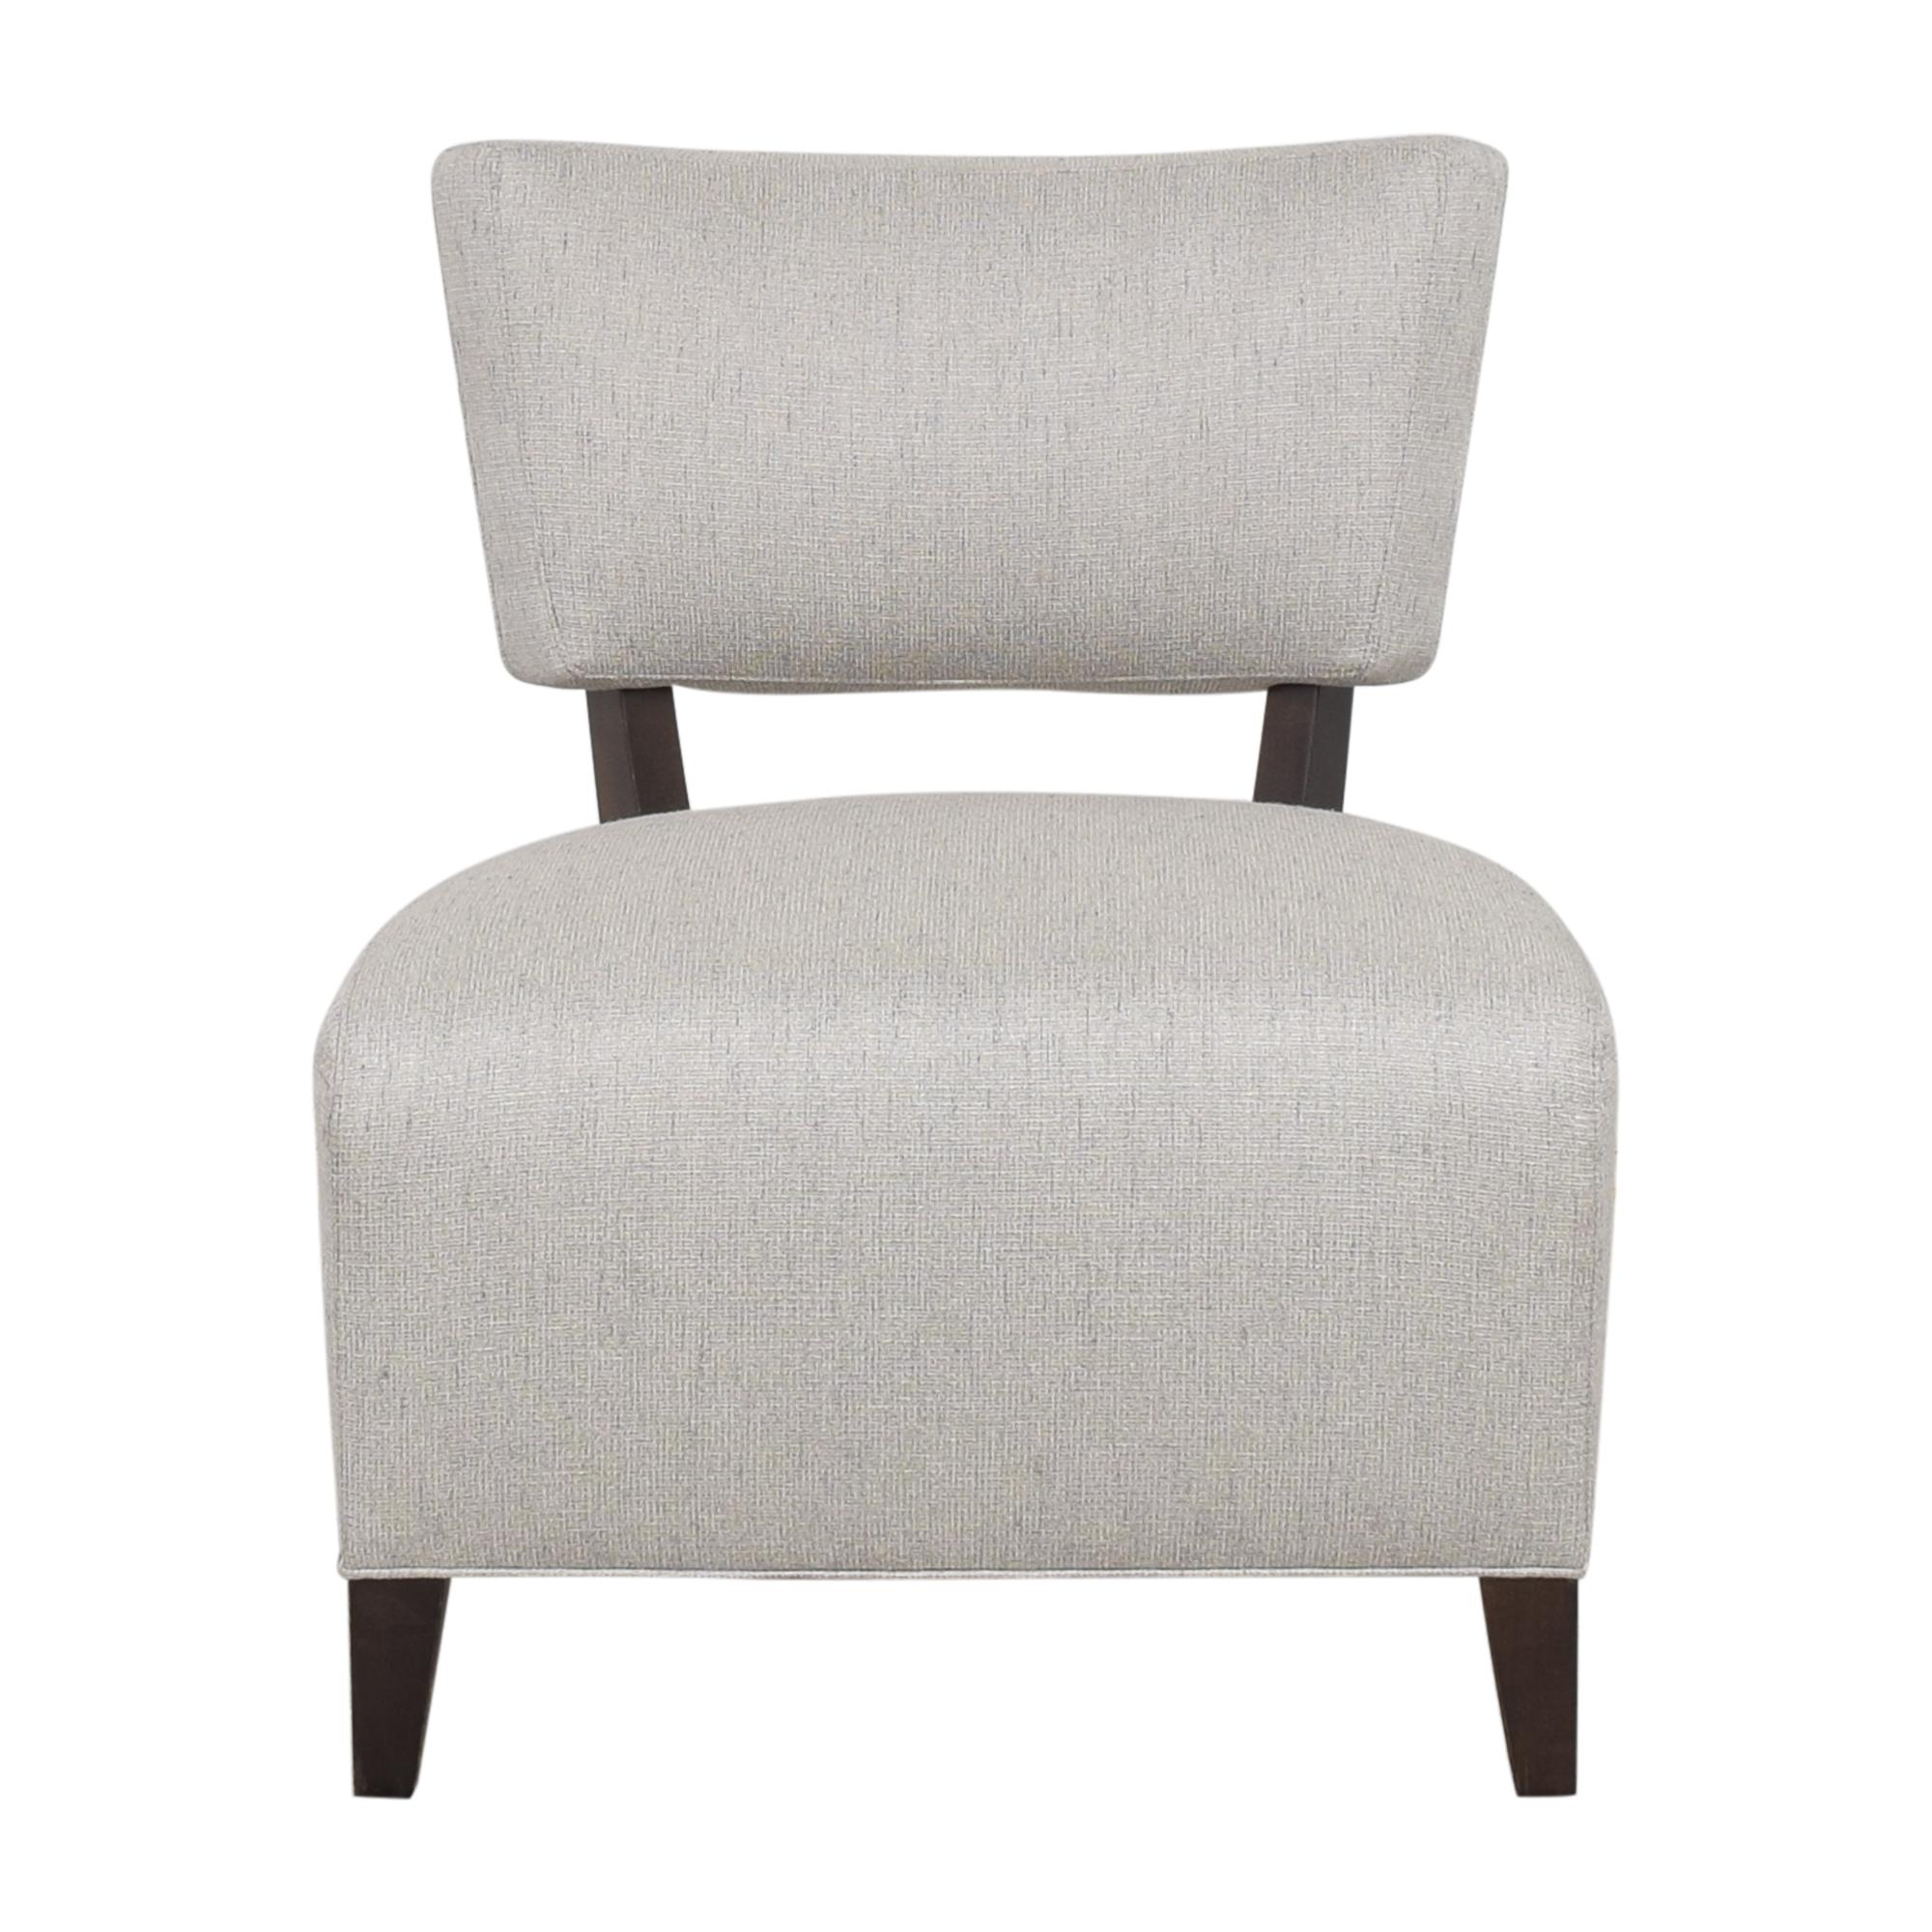 Ethan Allen Ethan Allen Armless Accent Chair discount